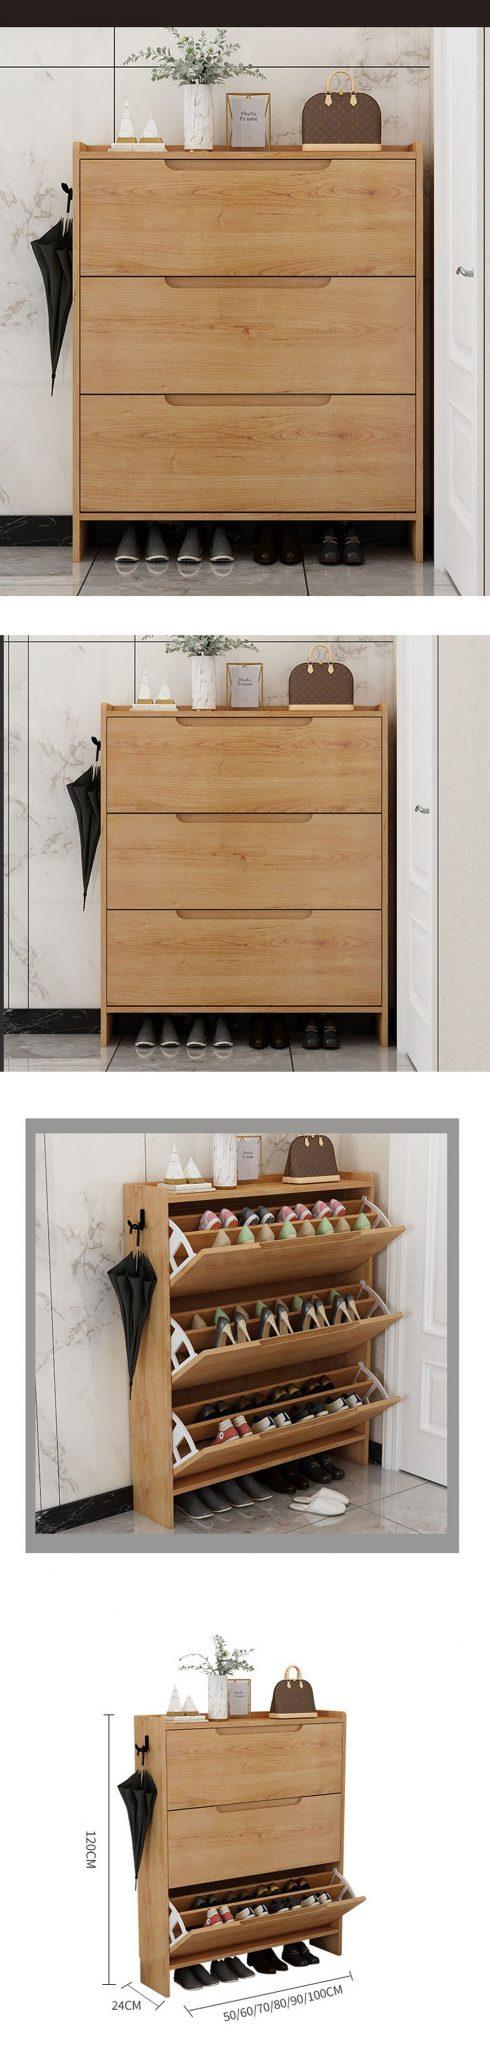 Màu sắc hài hòa không gây cảm giác khó chịu trong căn nhà, có thông khí giúp dày thoát hơi không ẩm mốc.